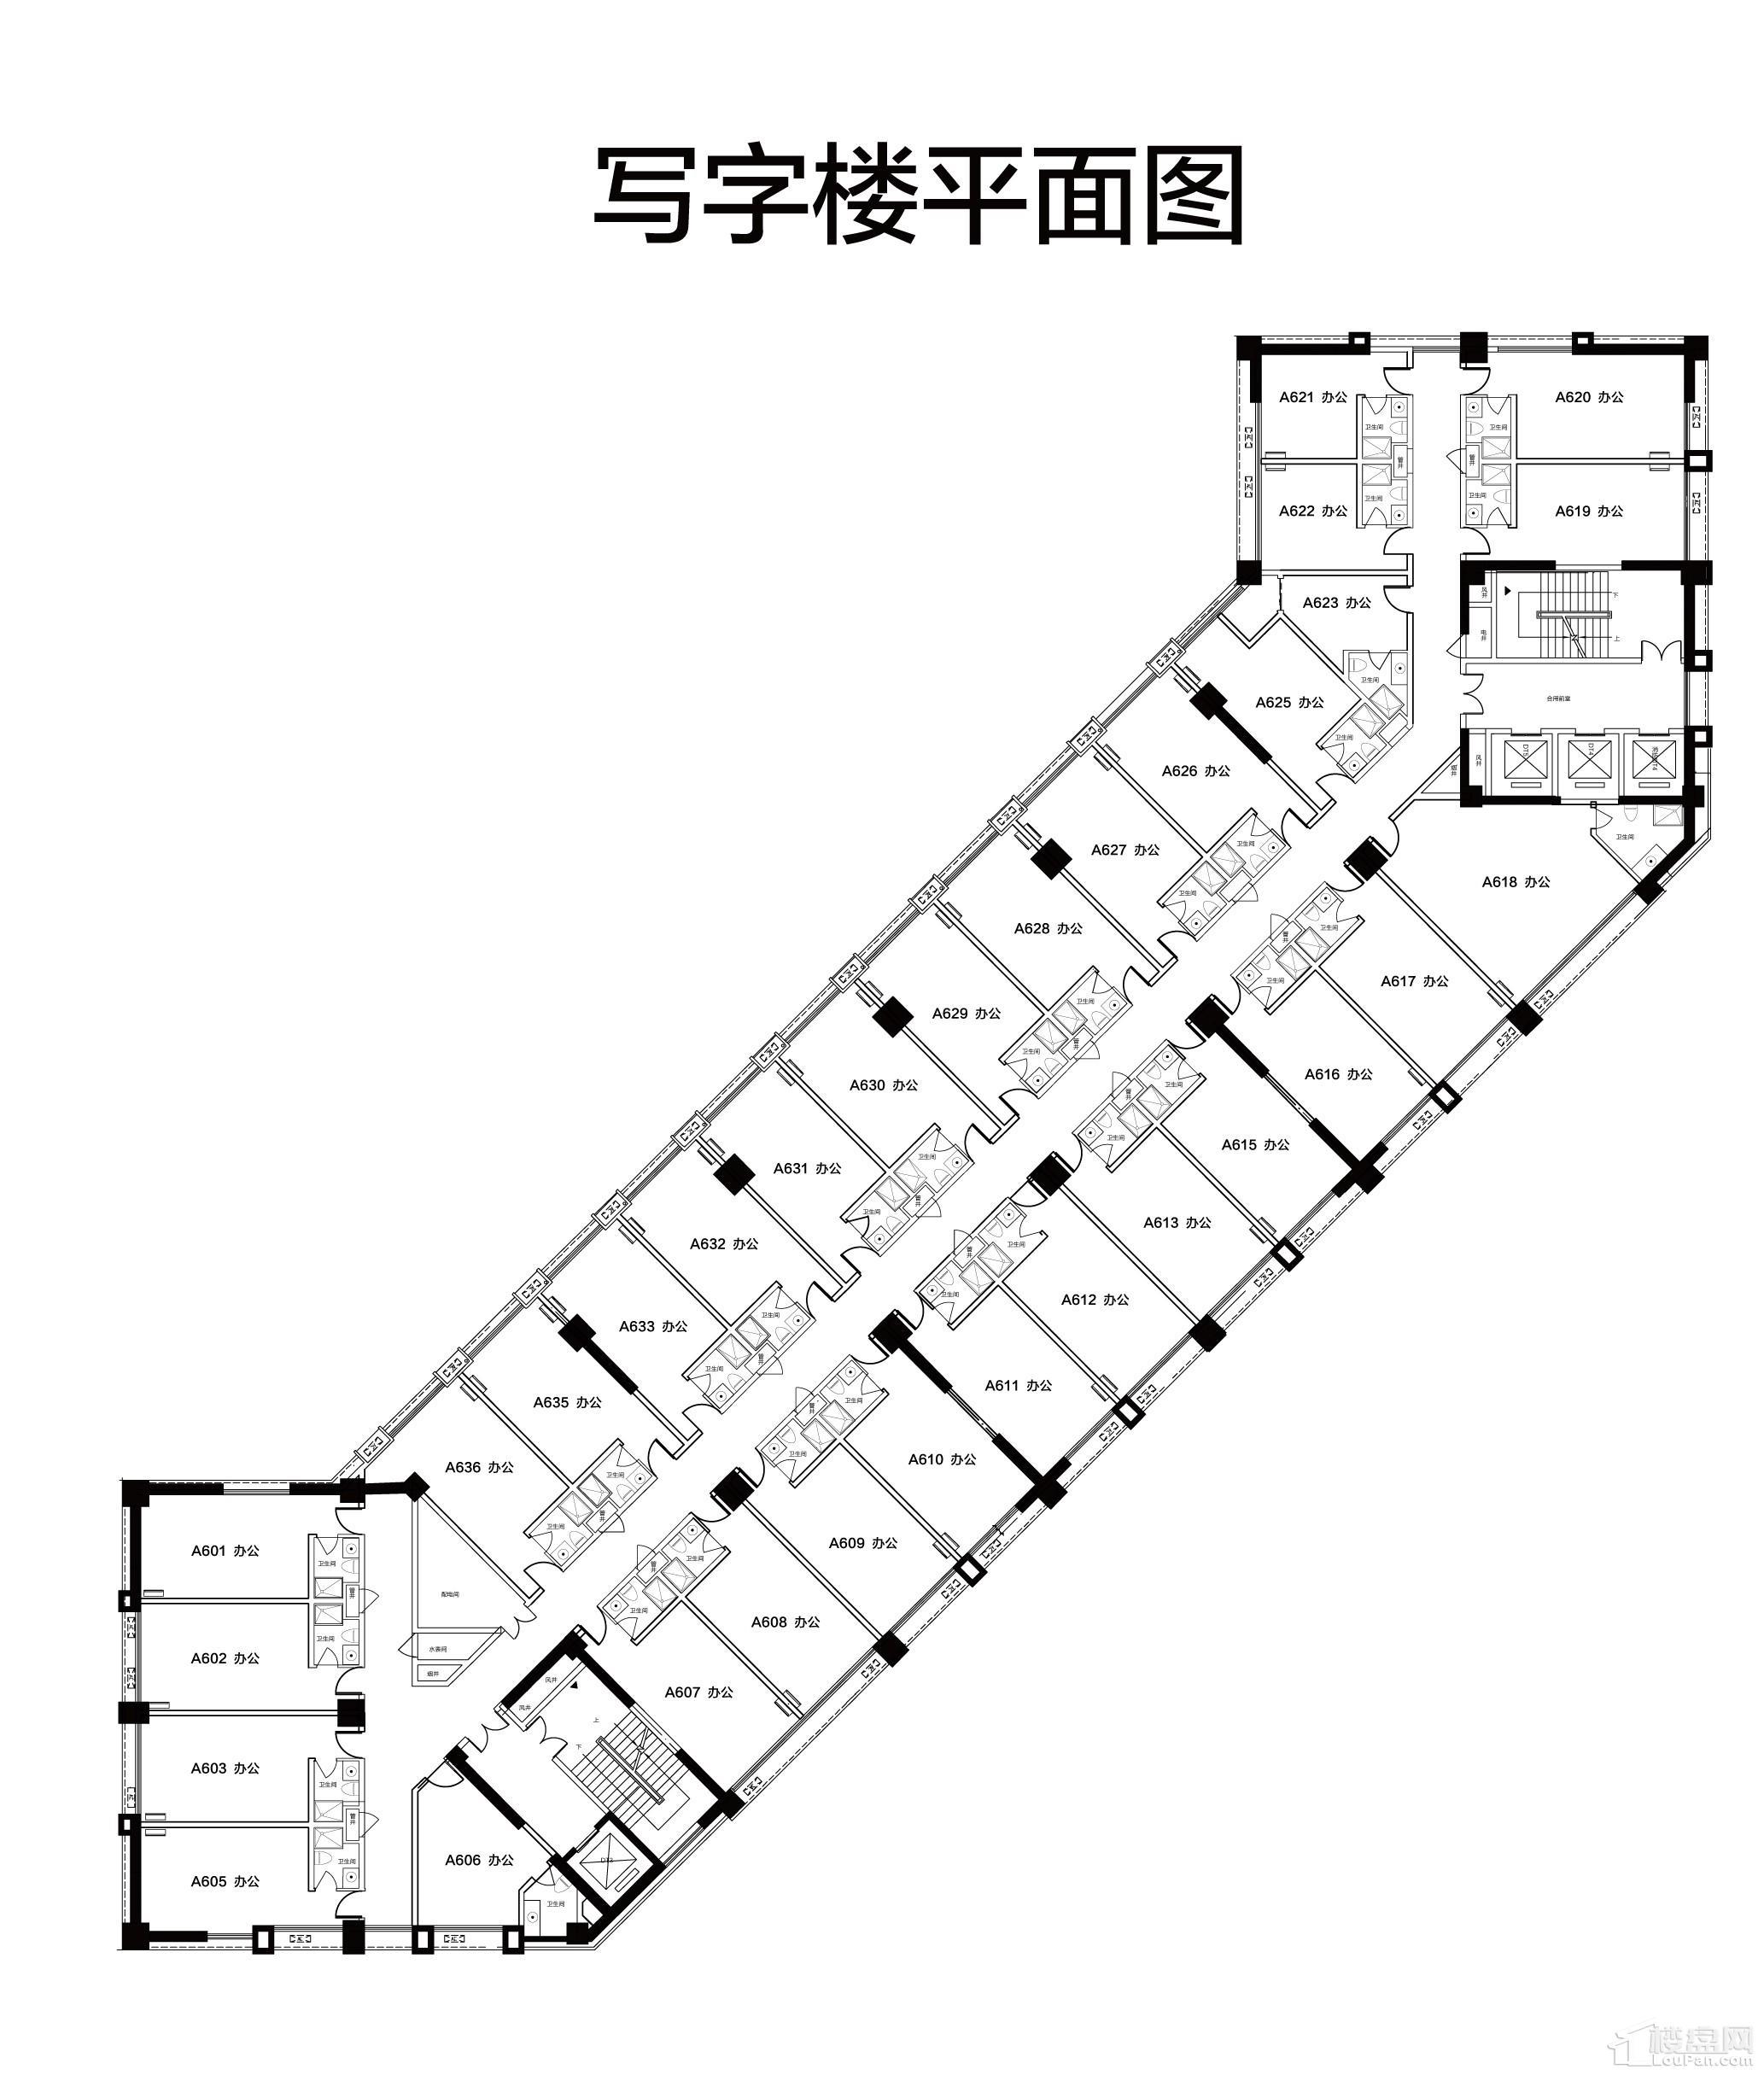 二期金宝大厦单层平面户型图